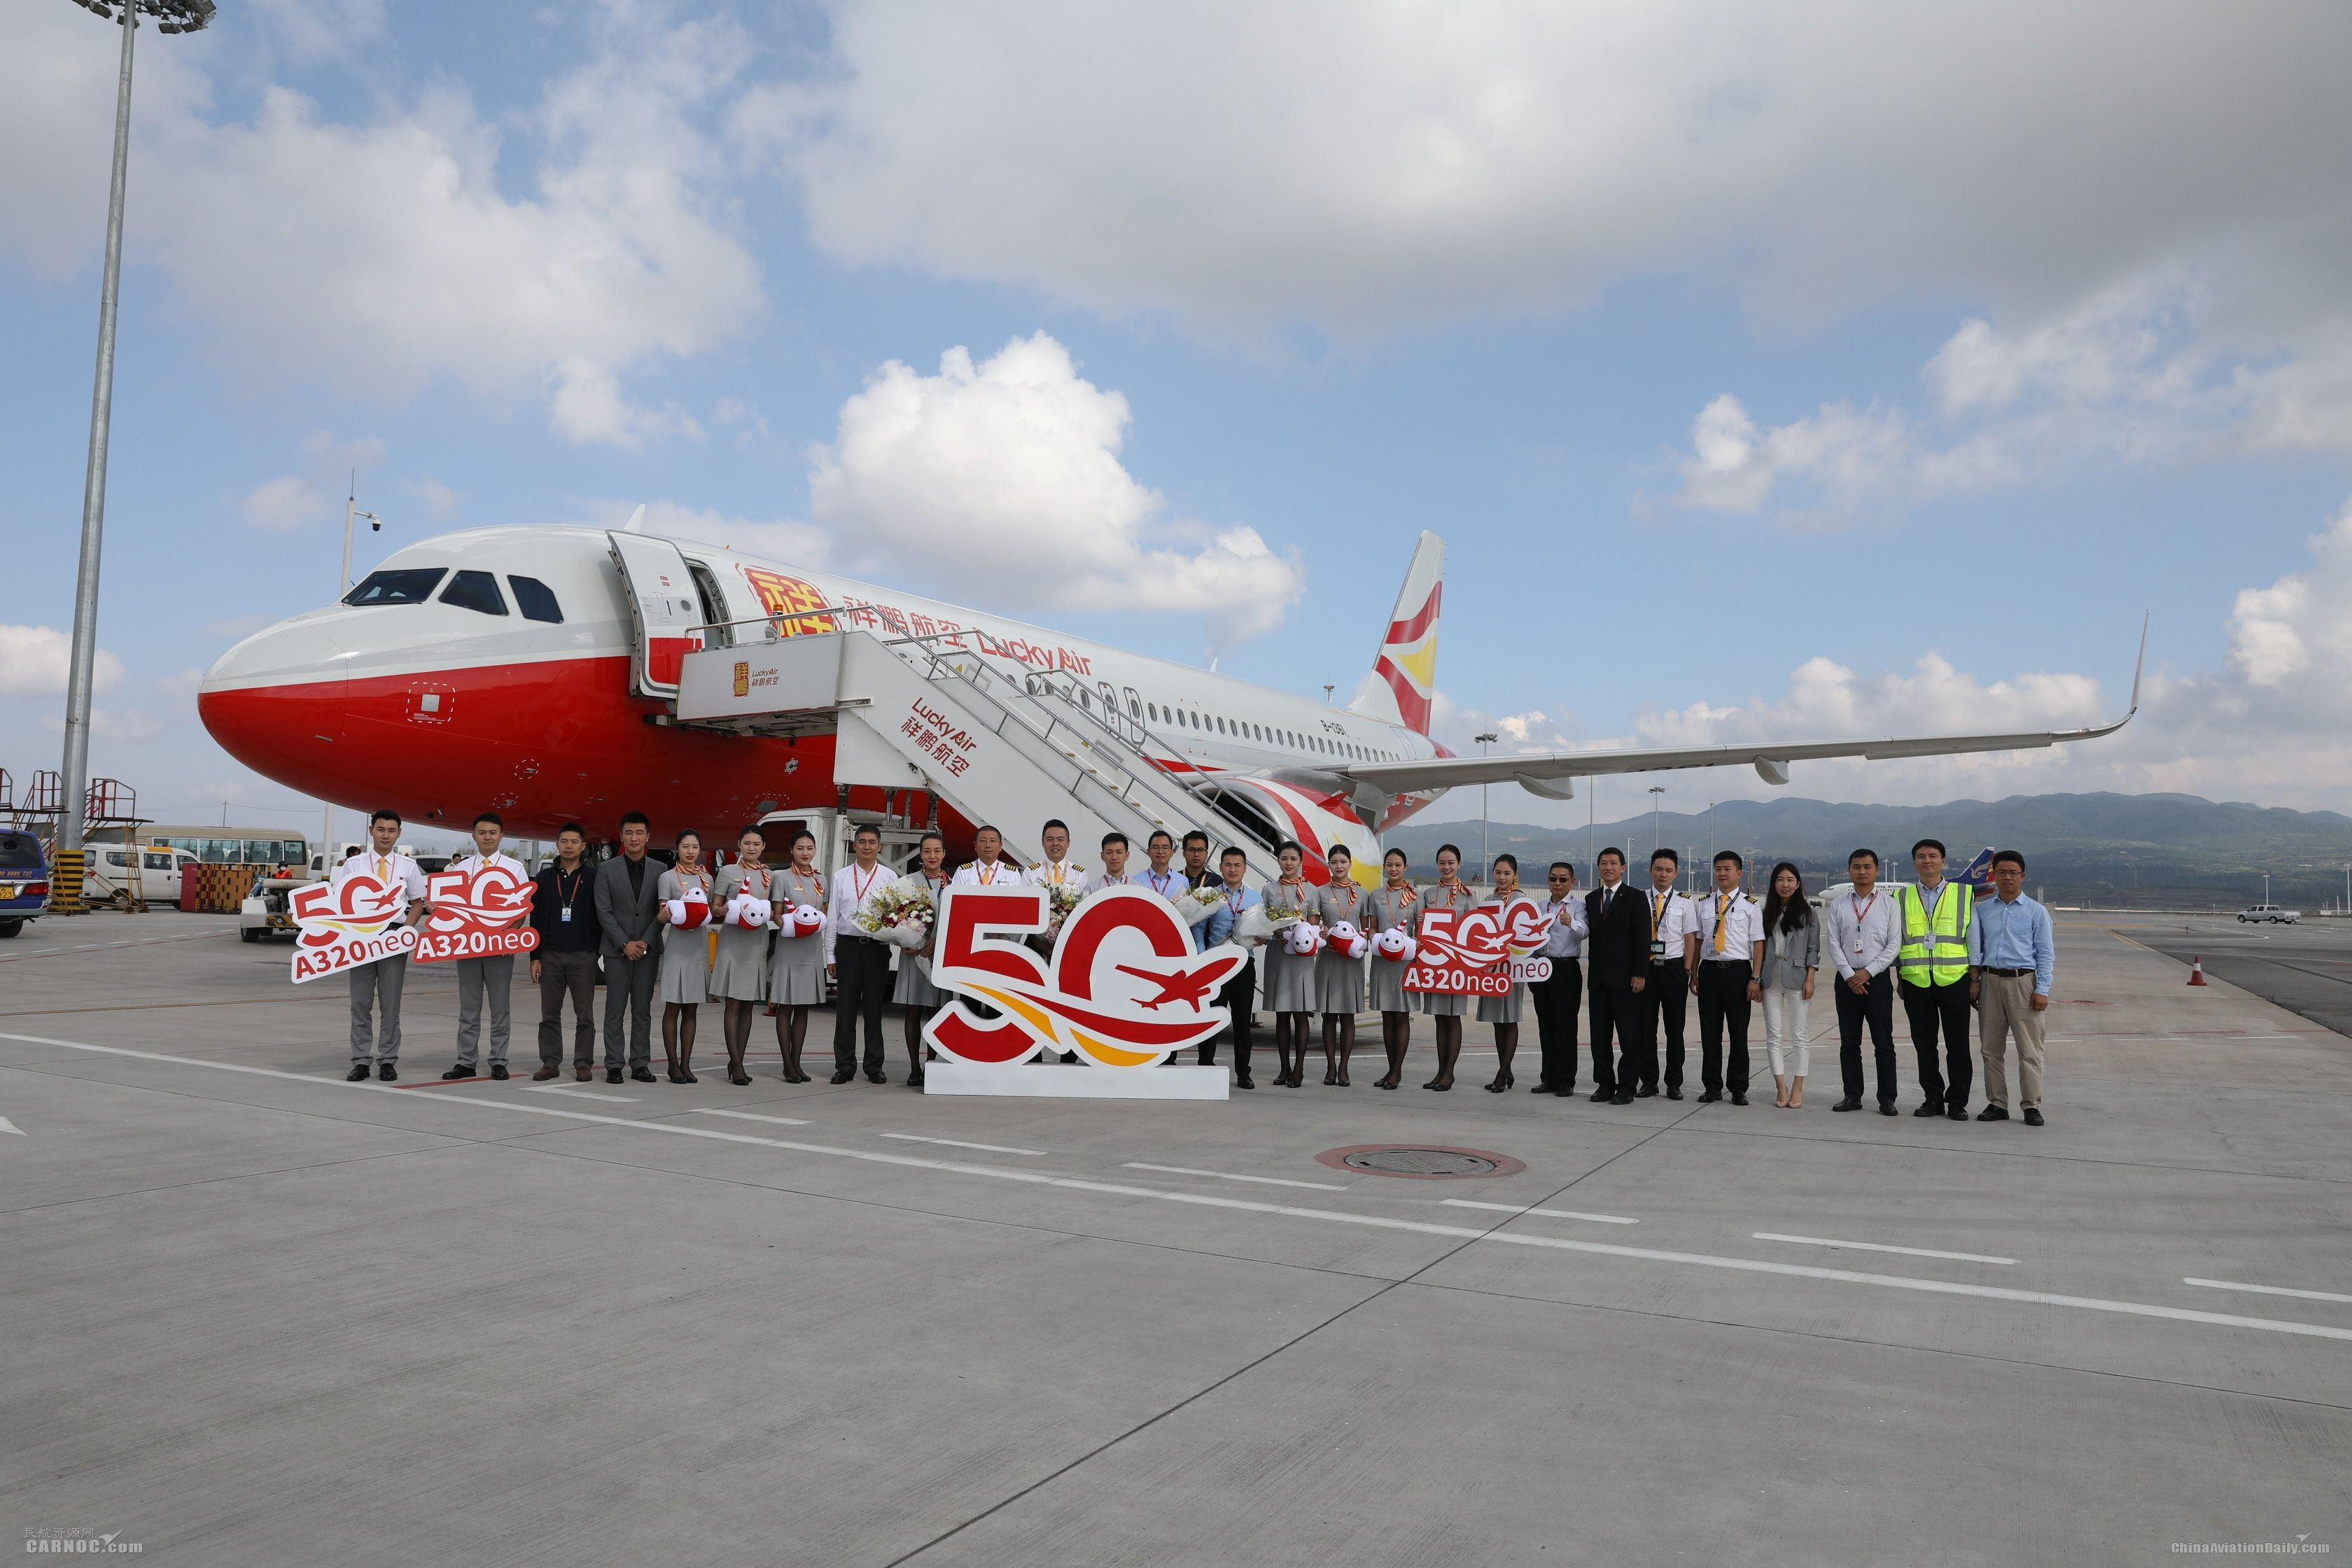 祥鹏航空引进A320neo 迈入中型航空公司行列